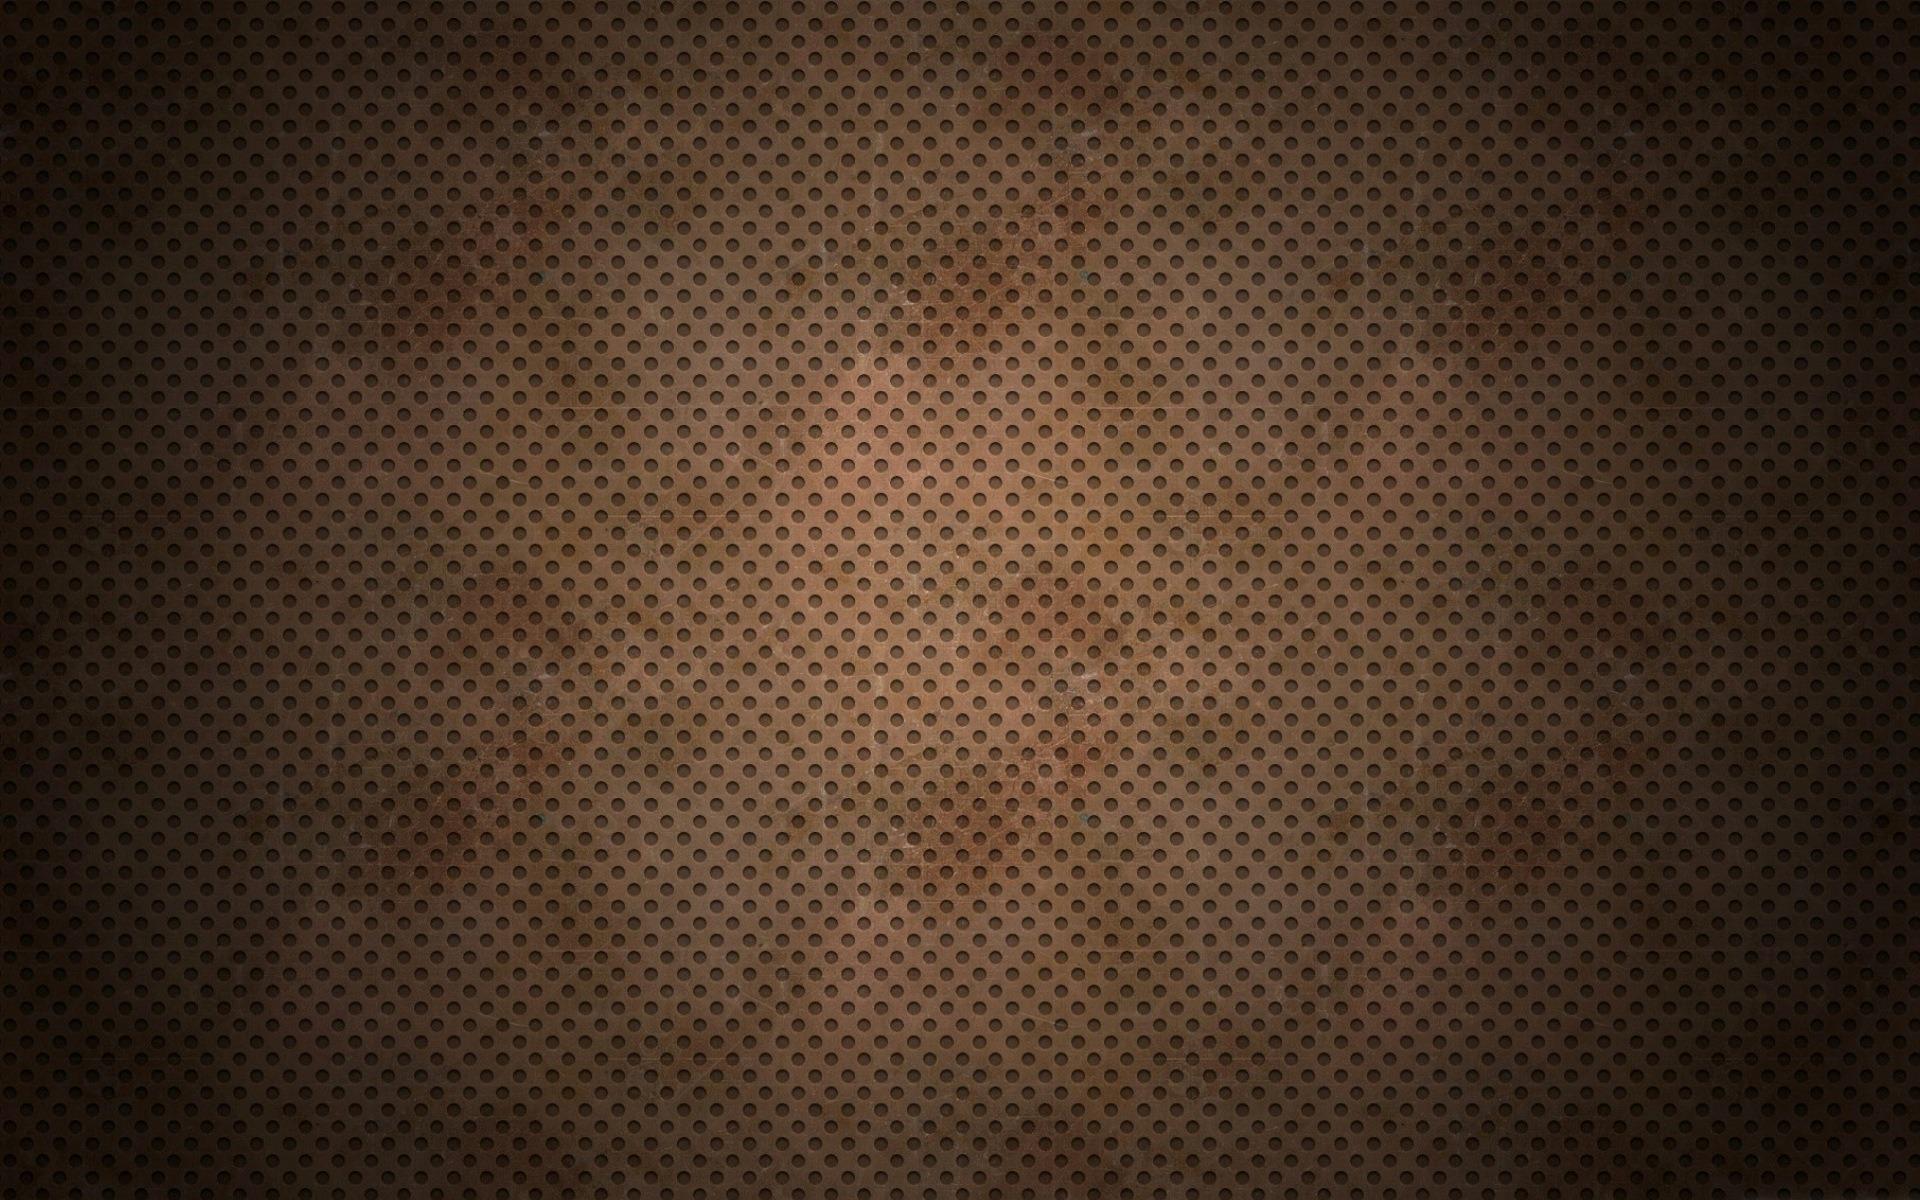 материальный дизайн горы коричнево-серый  № 3216713 без смс